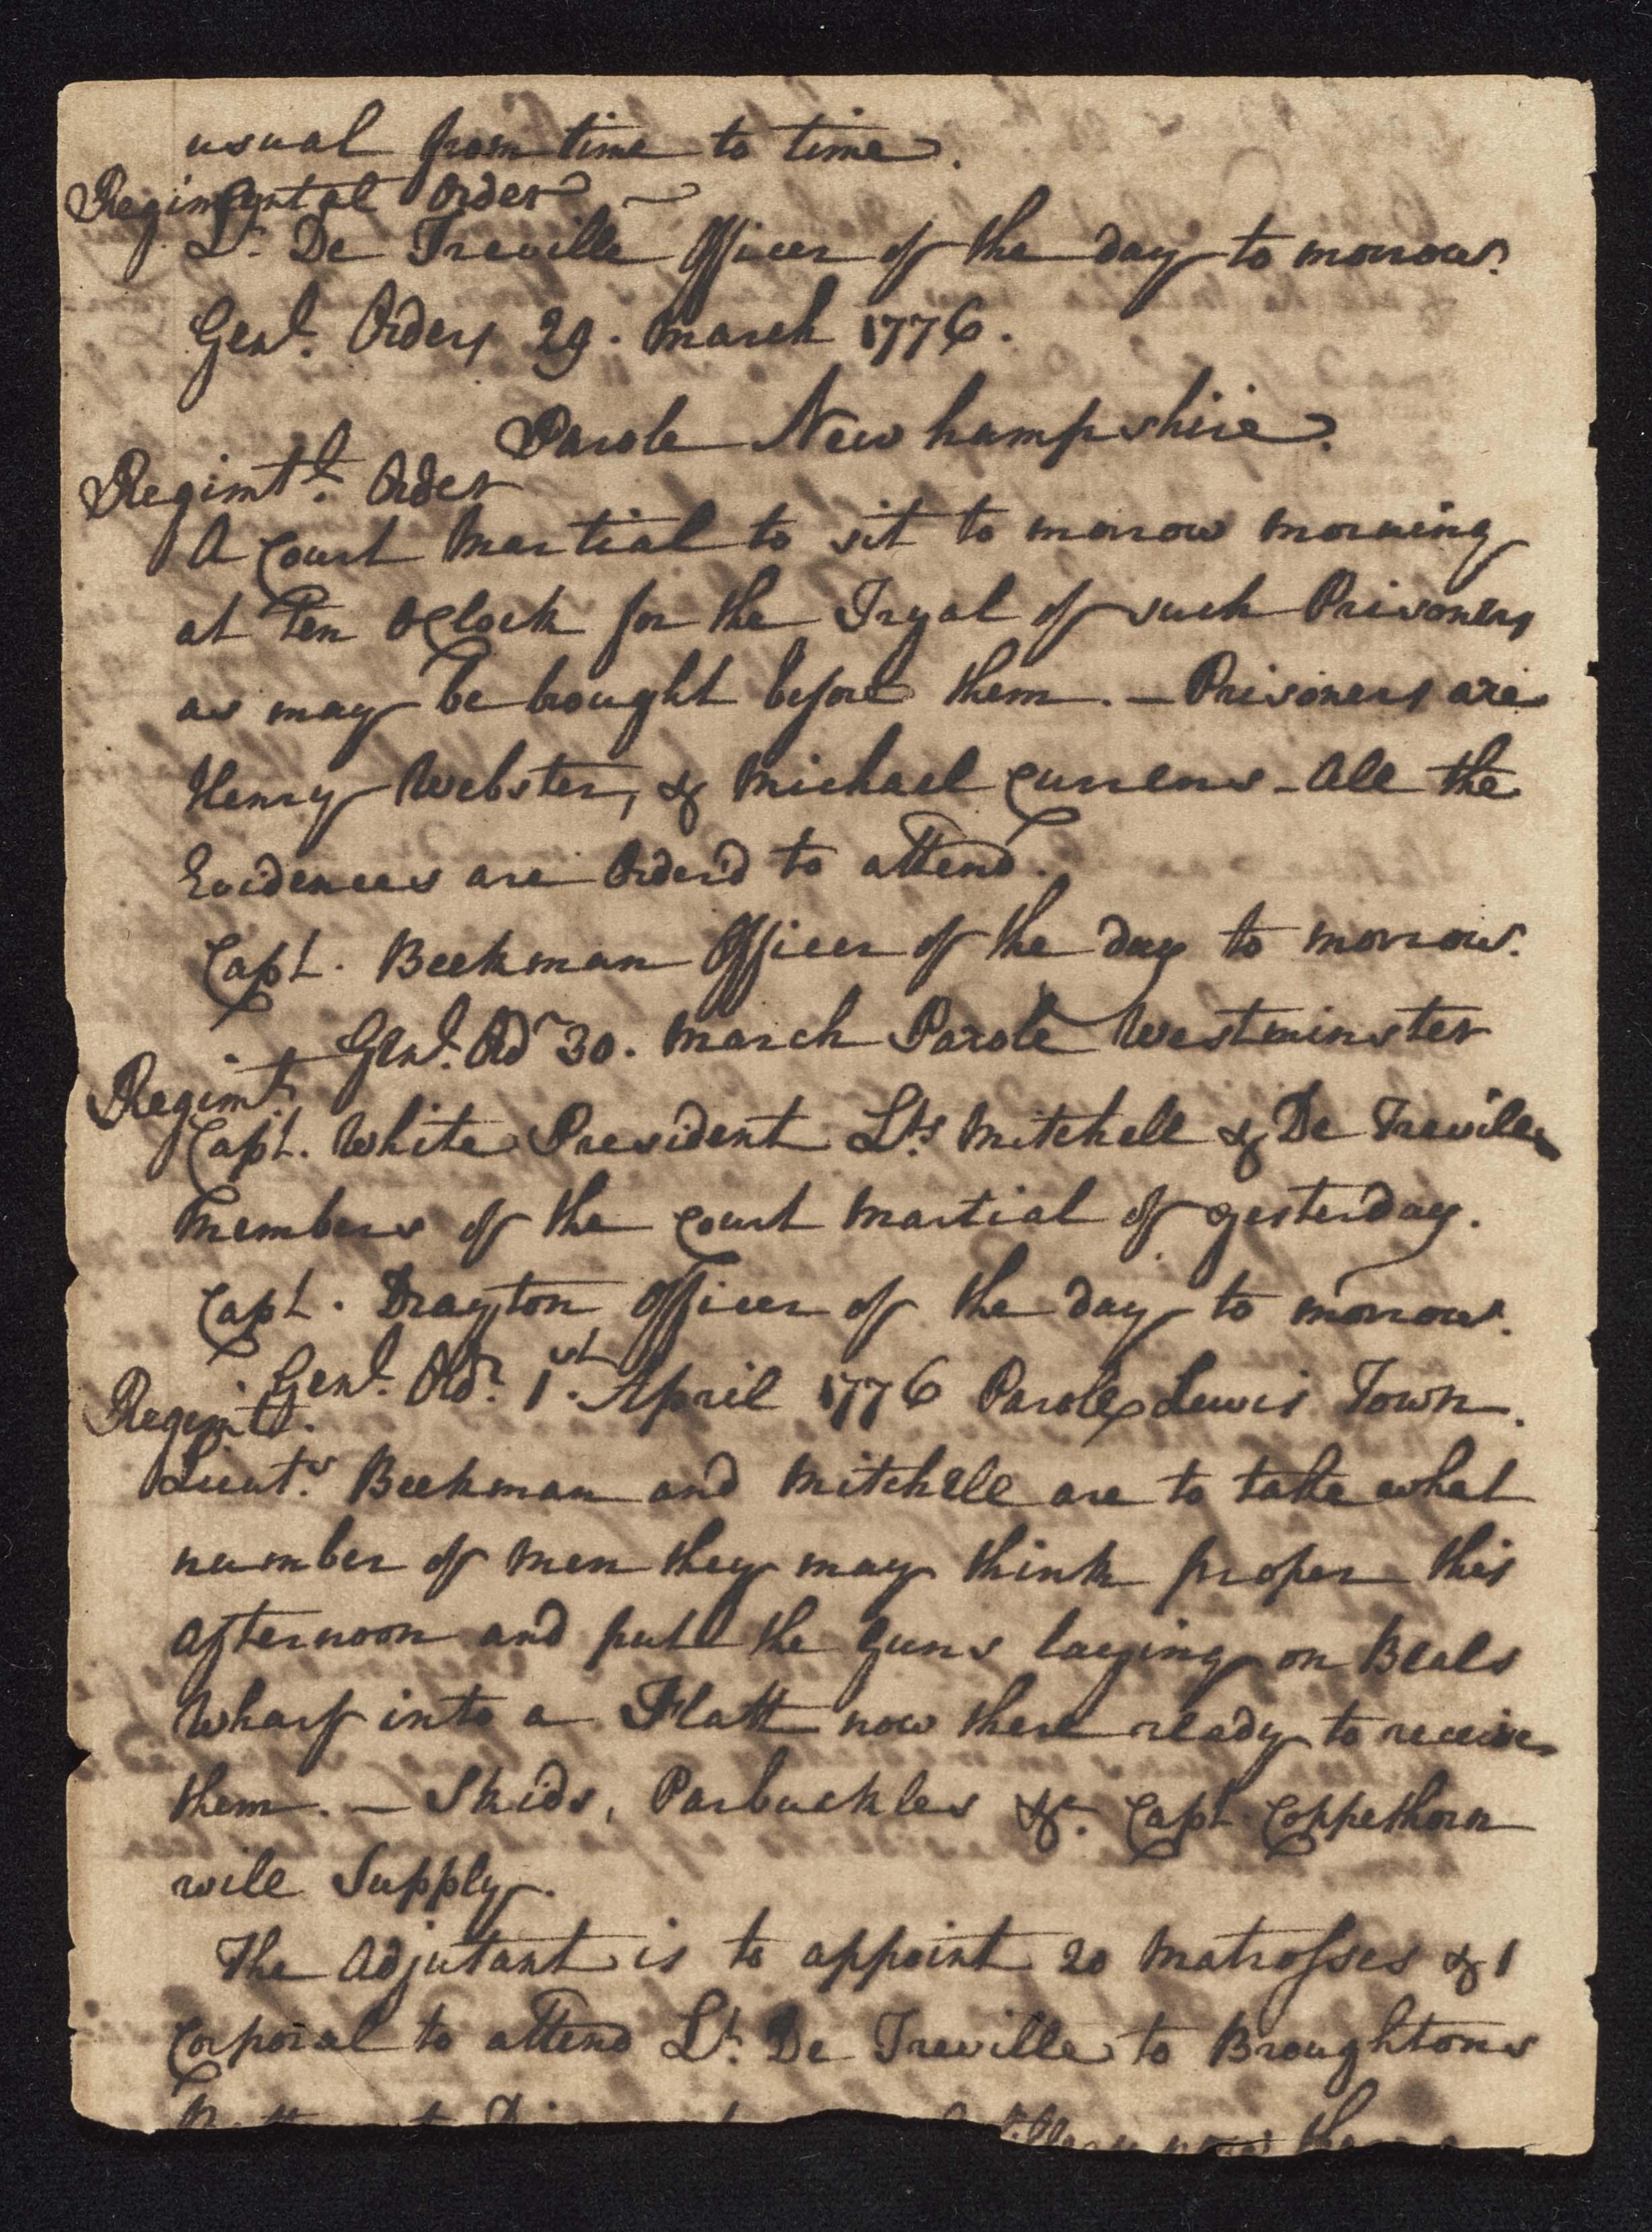 South Carolina Regiment Order Book, Page 90